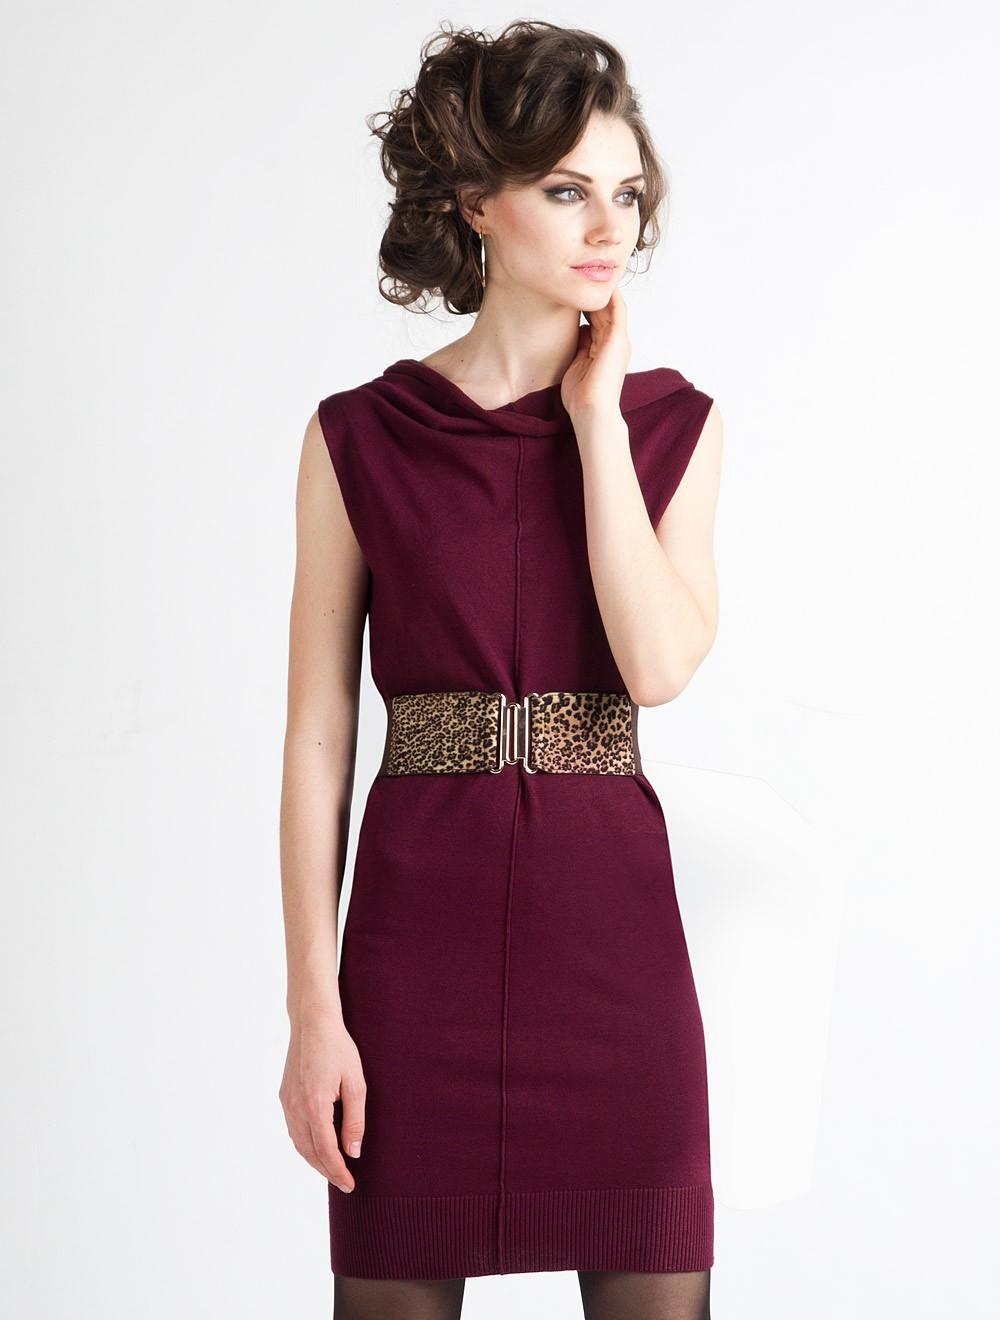 просто золотые аксессуары для бордового платья фото ультразум